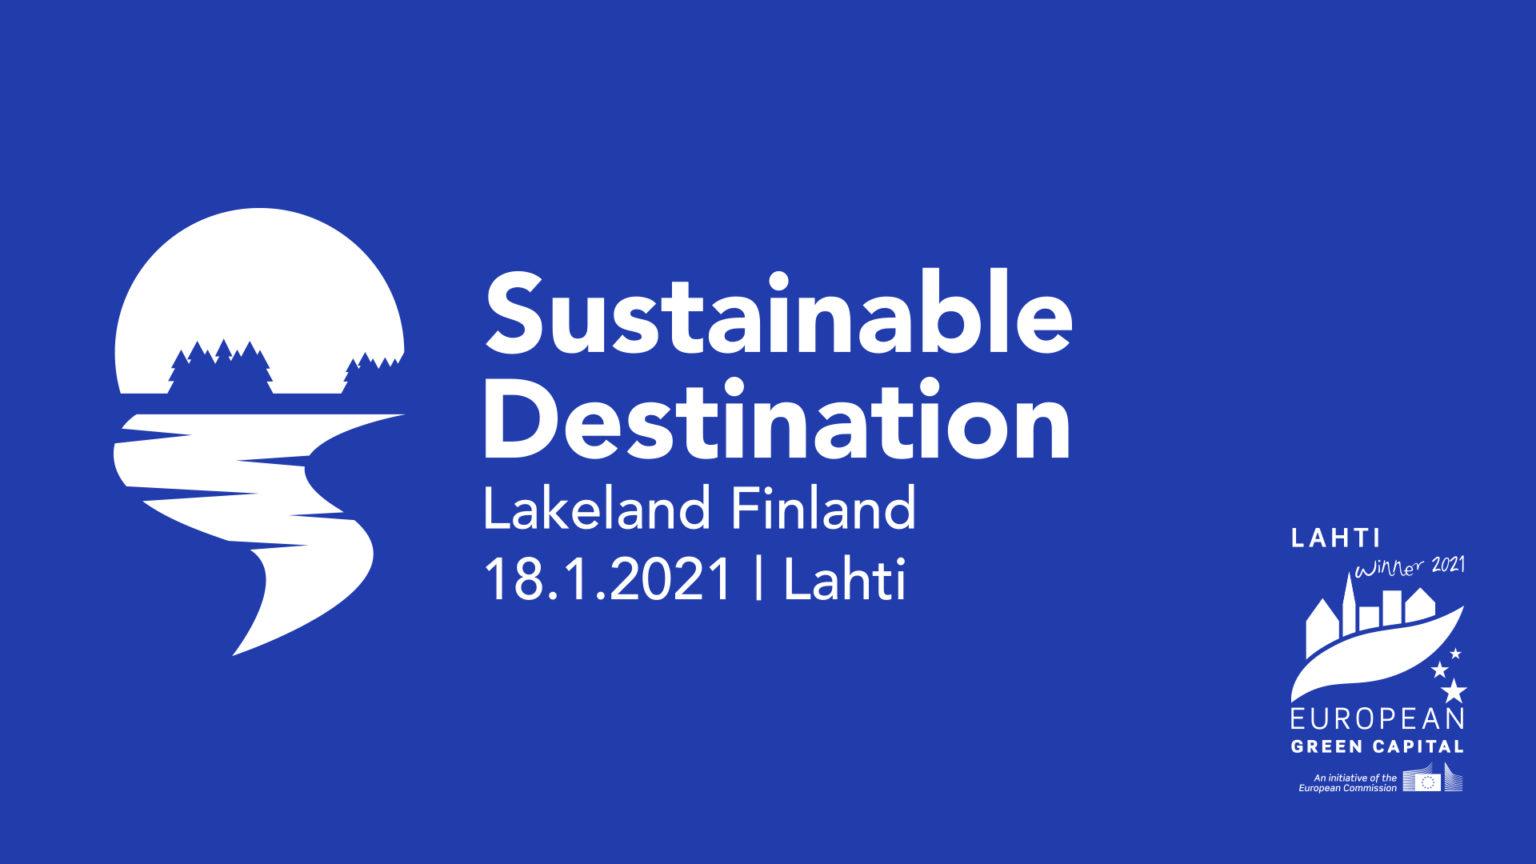 Sinisellä pohjalla teksti: Sustainable Destination. Lakeland Finland 18.1.2021, Lahti. Oikeassa alakulmassa logo Lahti Winner 2021 Euroepan Green Capital.